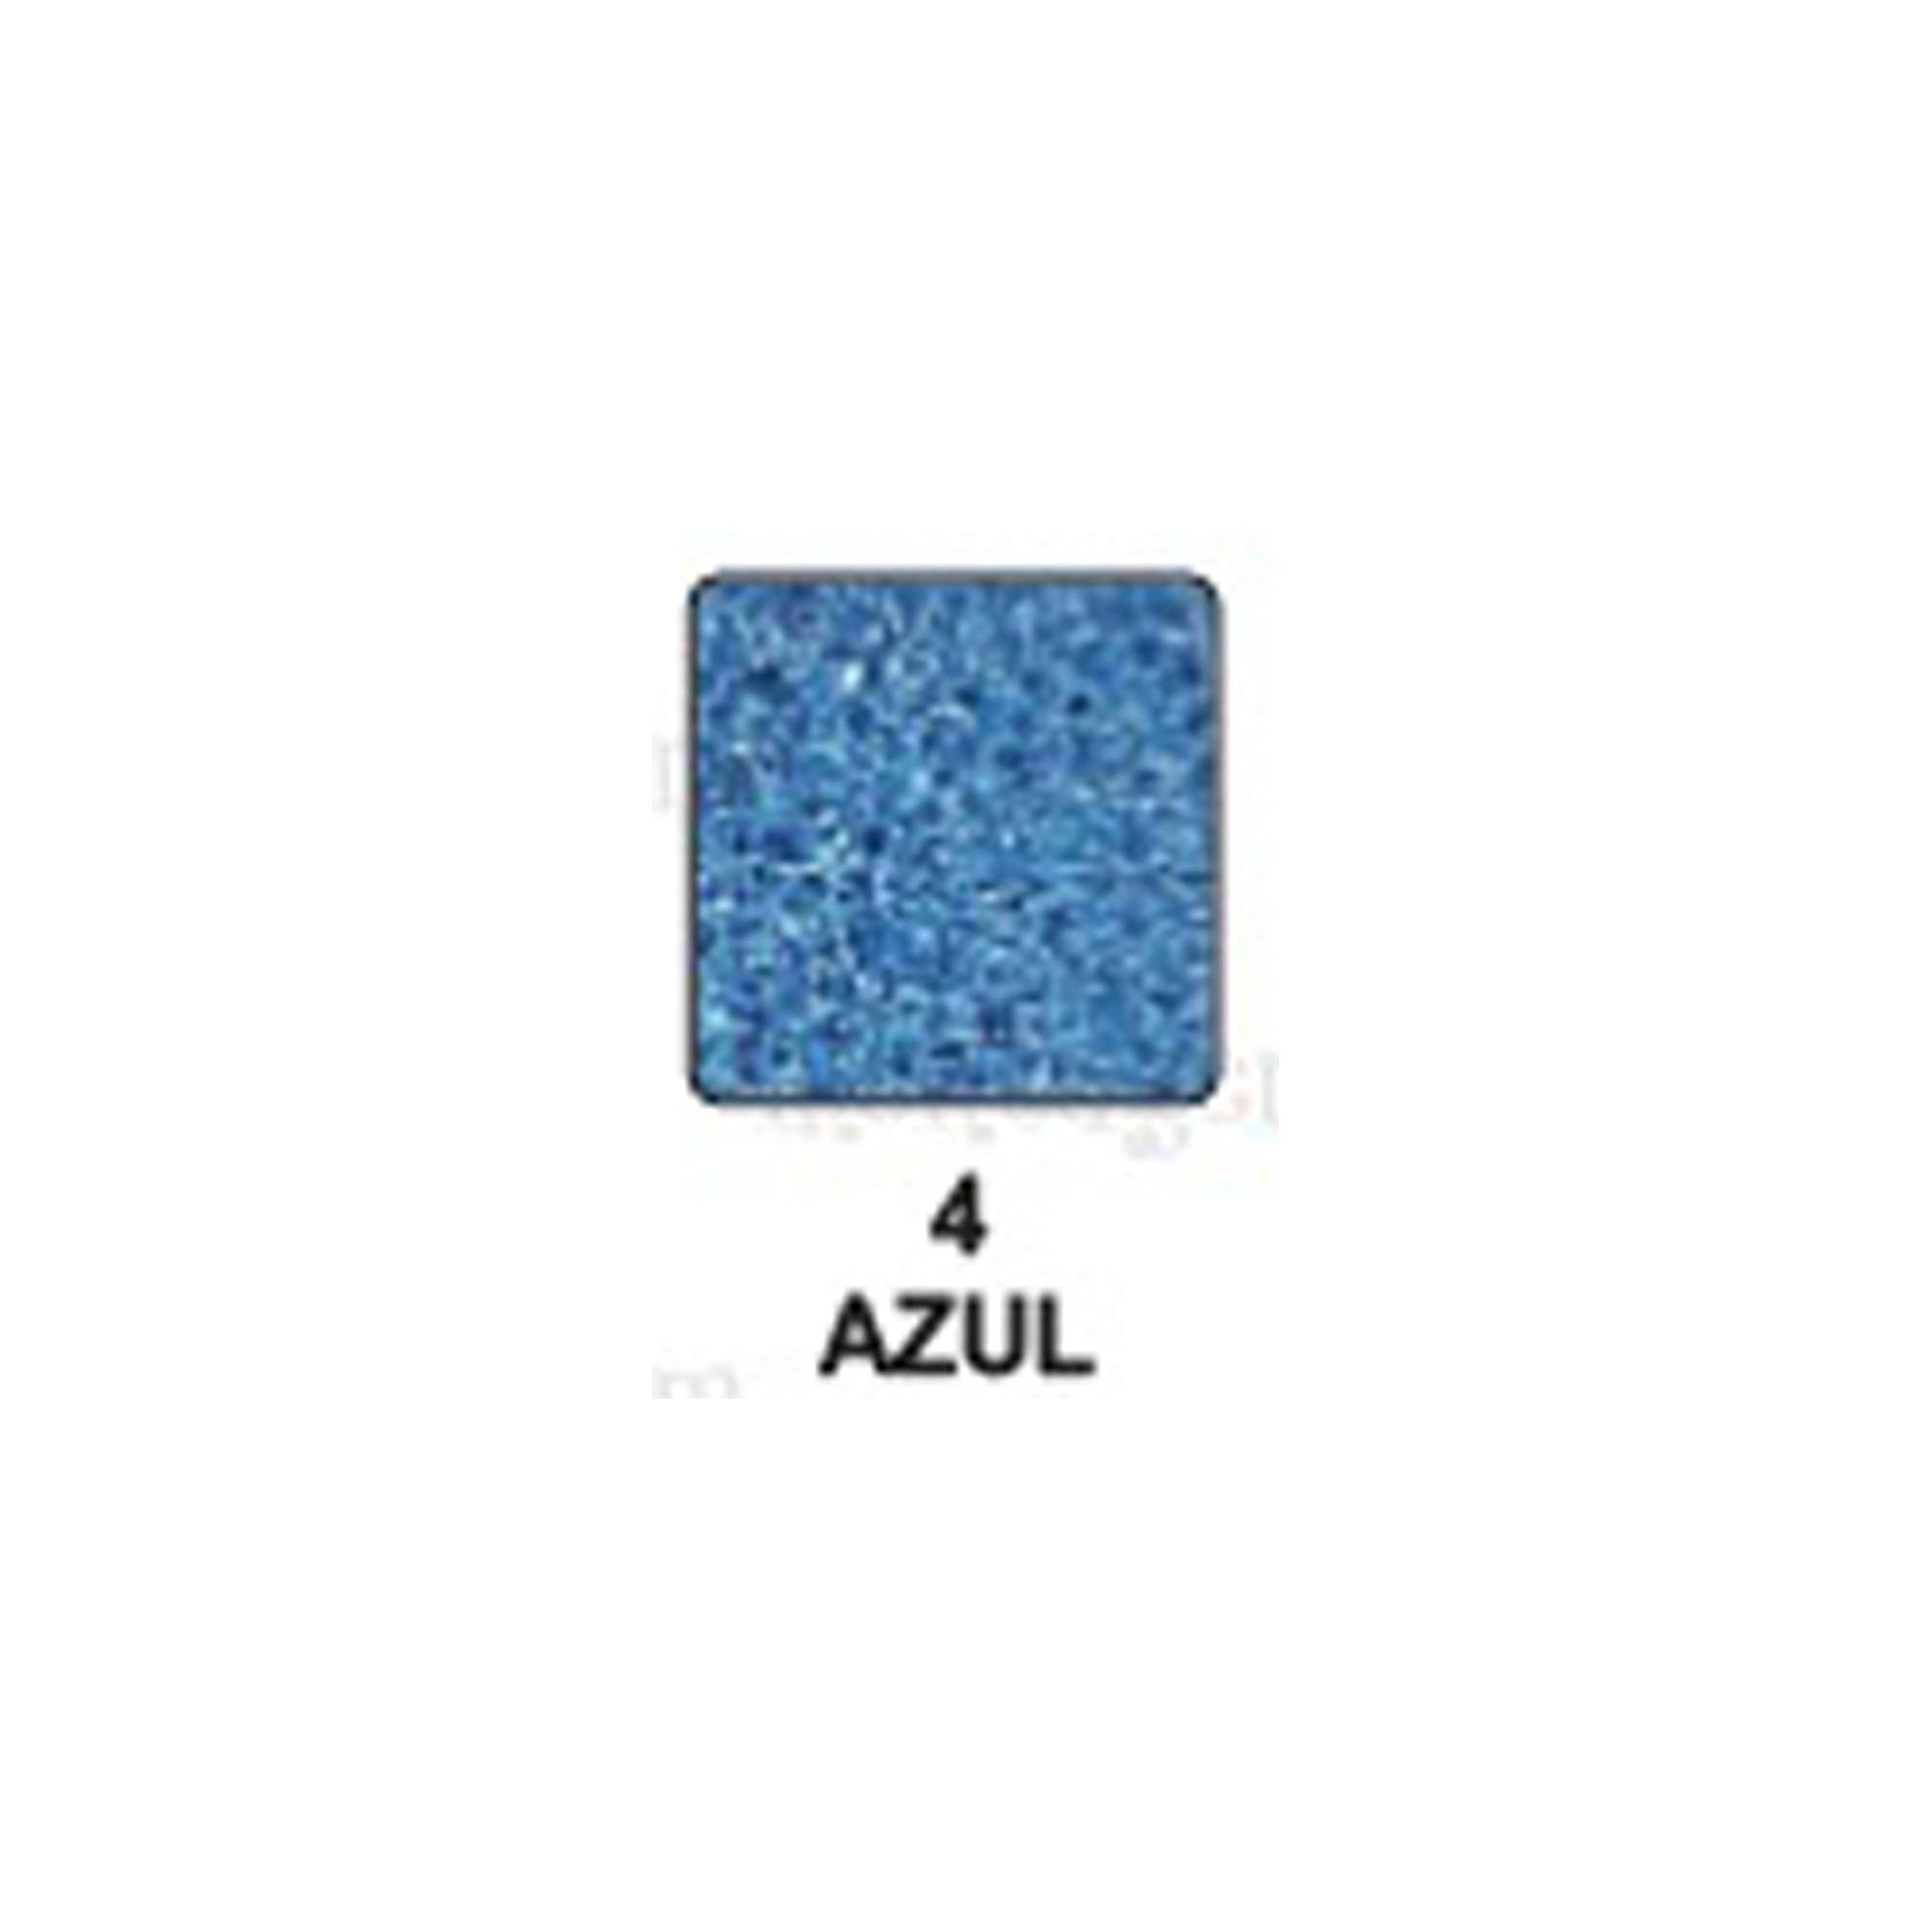 Carimbeira Art Montagem  - 3,3 x 3,3 cm - Perolado Azul